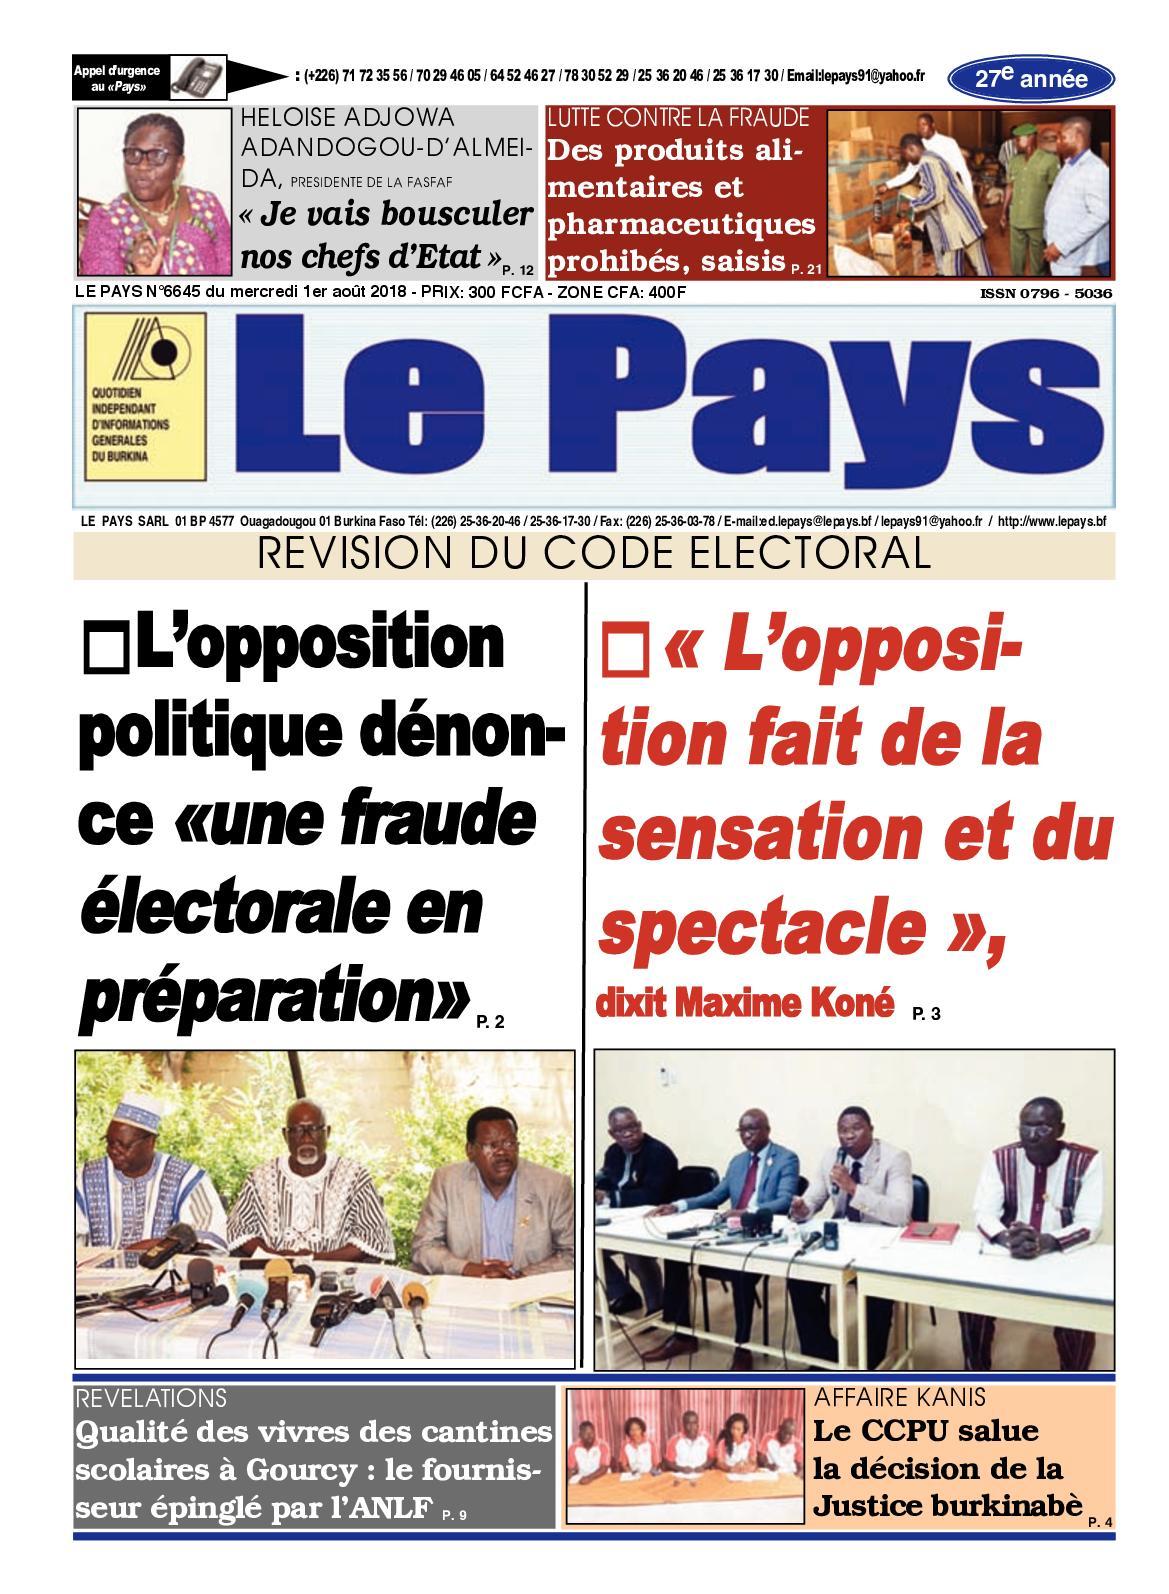 Calaméo - Lepays 20180801 20180801 6645 concernant Prohibé Mots Fléchés